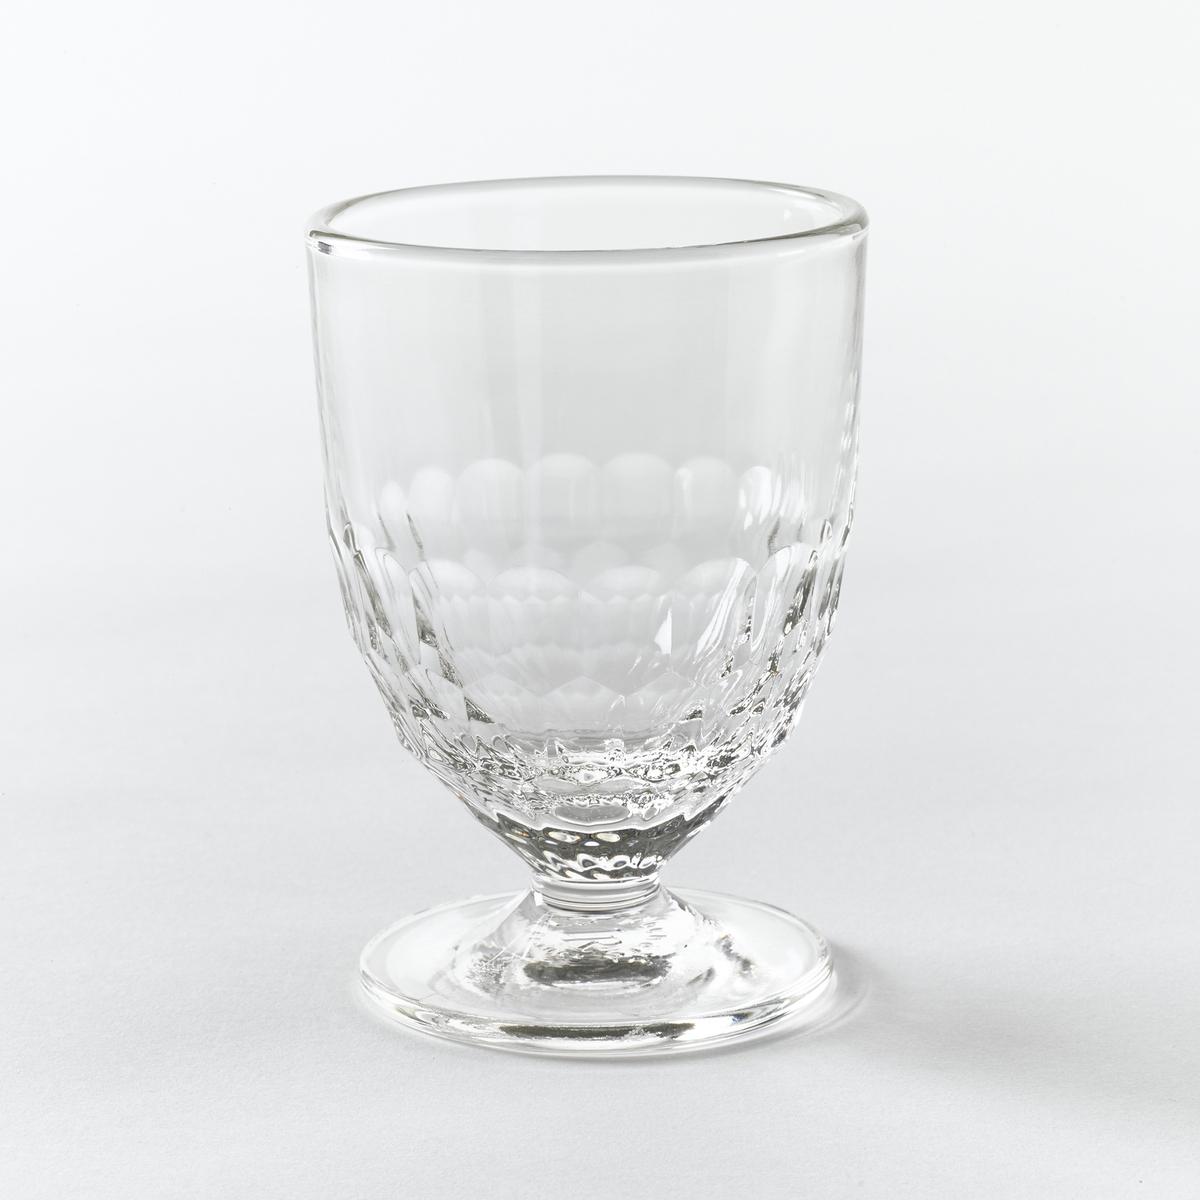 6 стаканов для вина с узором в виде сот, CohaniХарактеристики 6 стаканов для вина с узором в виде сот Cohani :- Прессованное стекло, очень прочное- Рельефный декор в виде сот.- Объем 217 см3.- Диаметр 7,8 x Высота 11 см.- Можно использовать в посудомоечной машине.- Произведено во Франции.Откройте для себя стаканы для воды того же набора на сайте laredoute.ru<br><br>Цвет: стеклянный прозрачный<br>Размер: единый размер